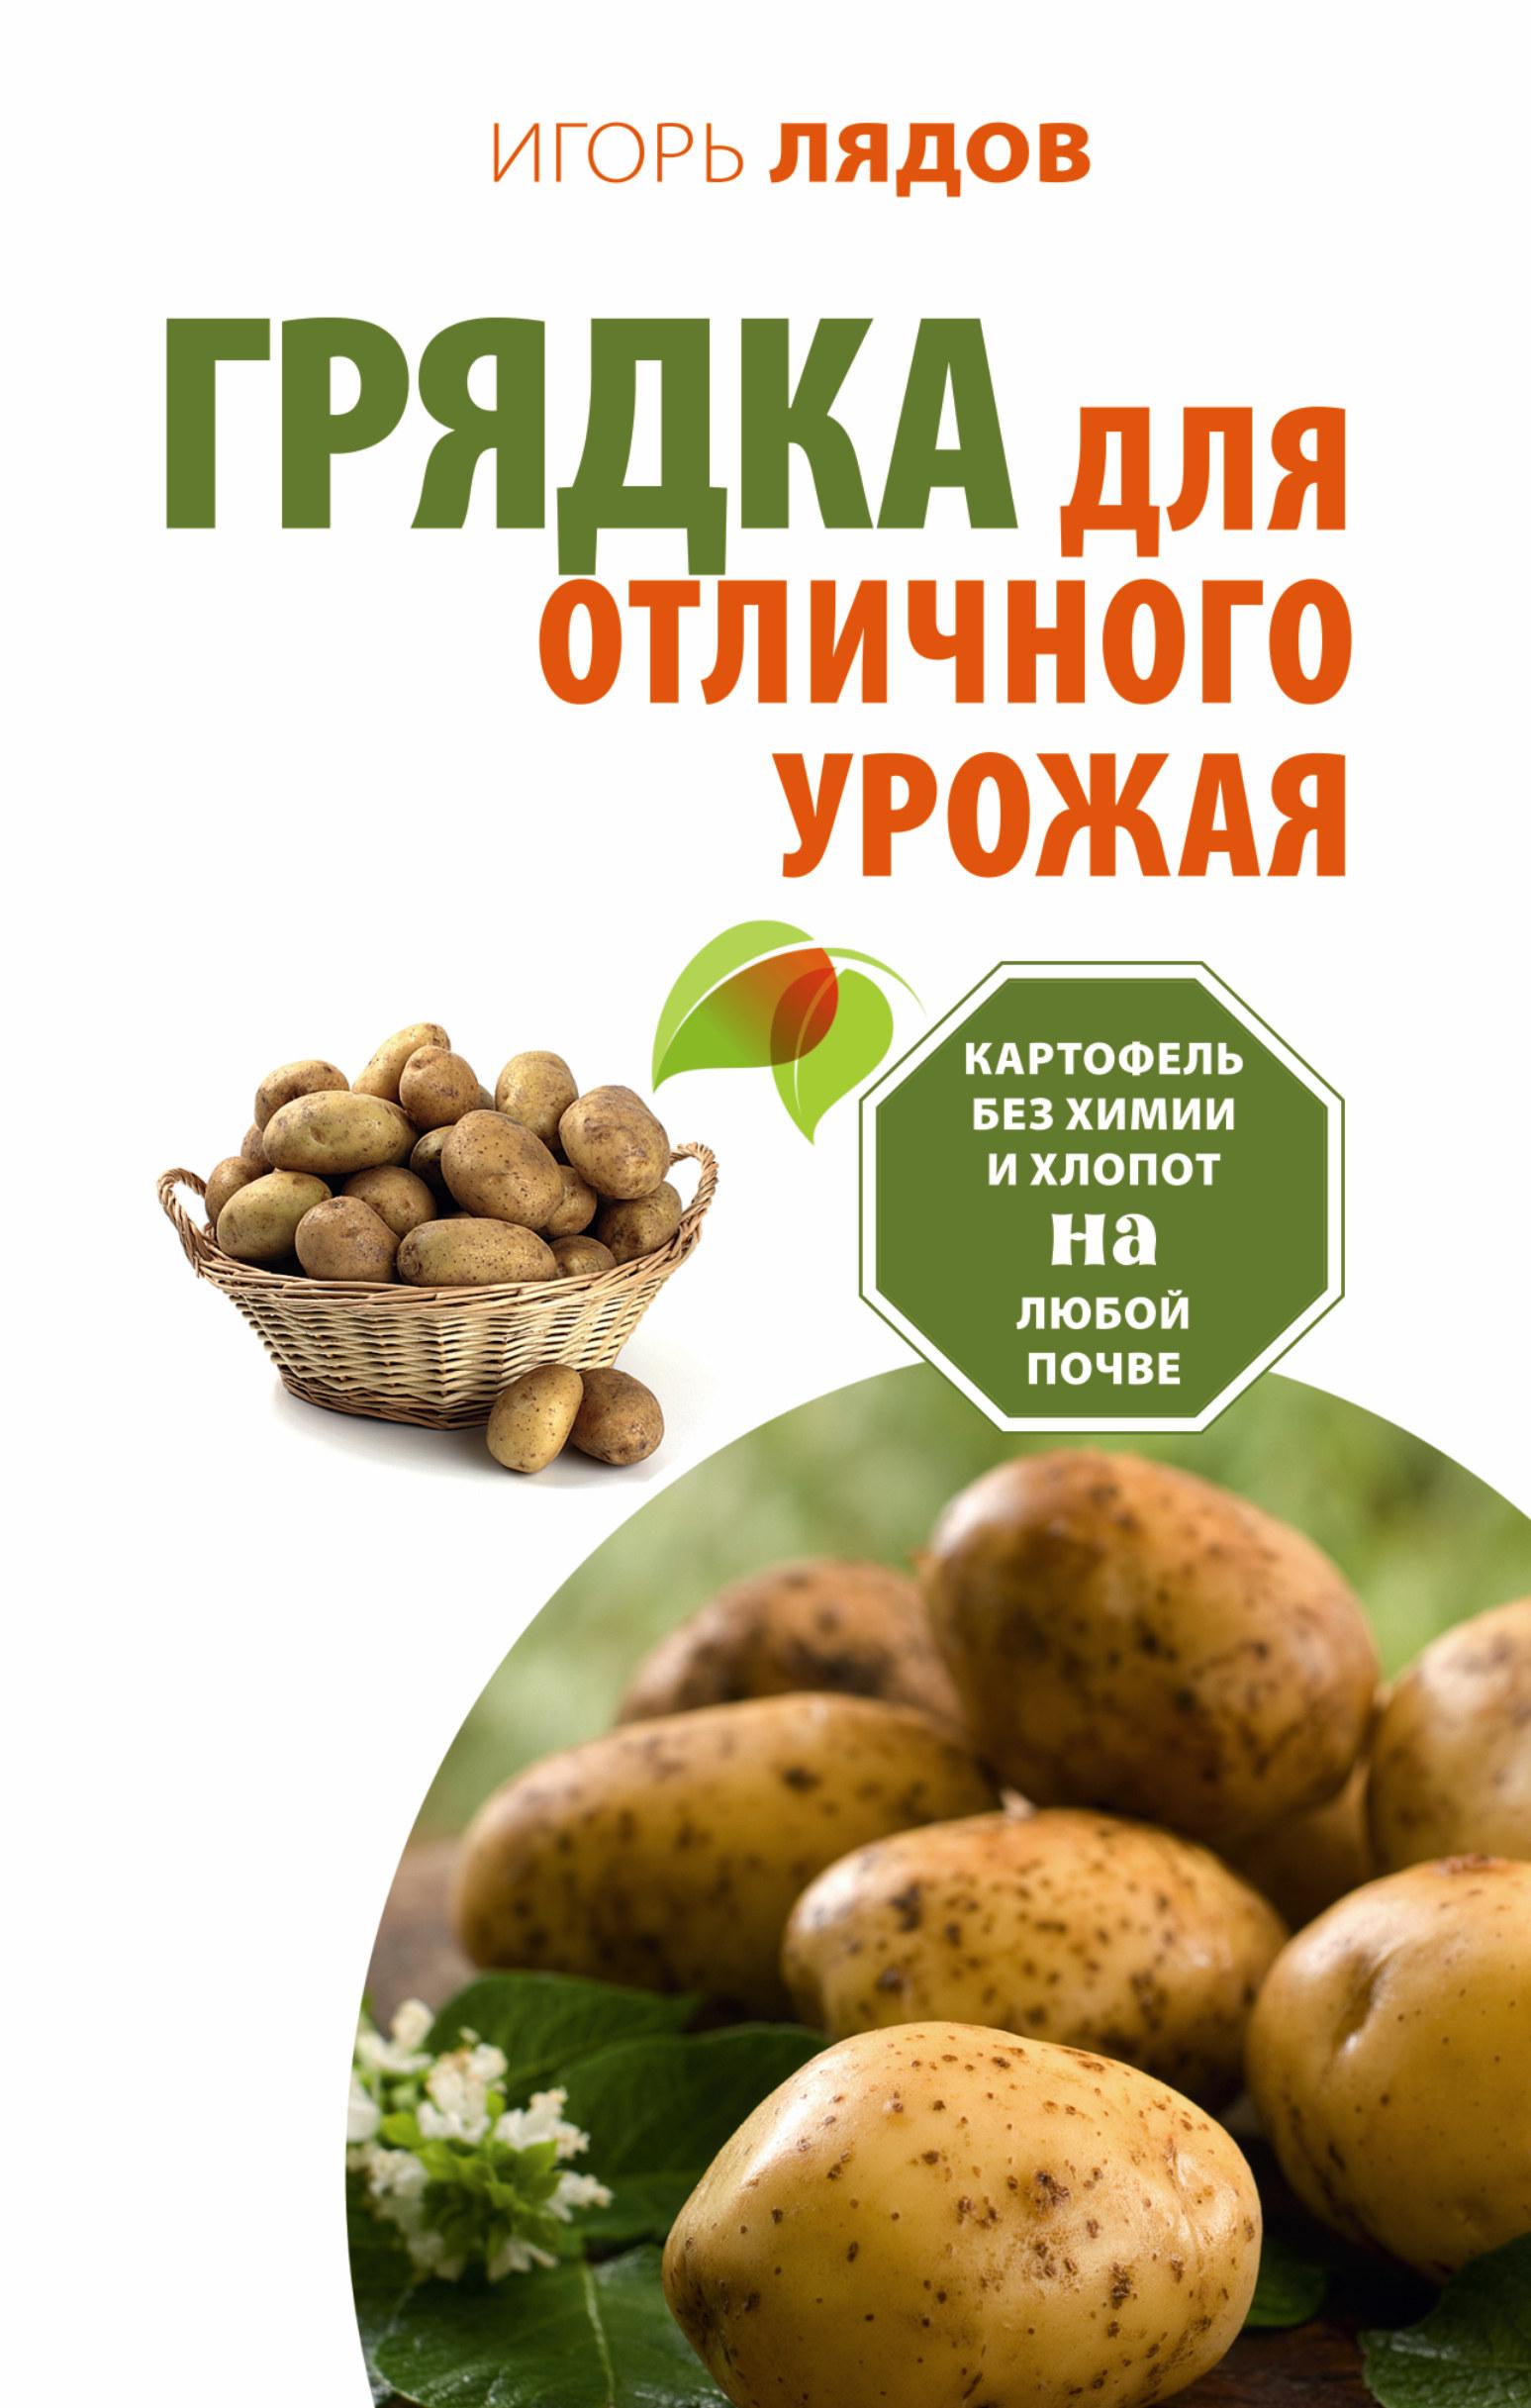 Грядка для отличного урожая. Картофель без химии и хлопот, на любой почве ( Лядов И.В.  )